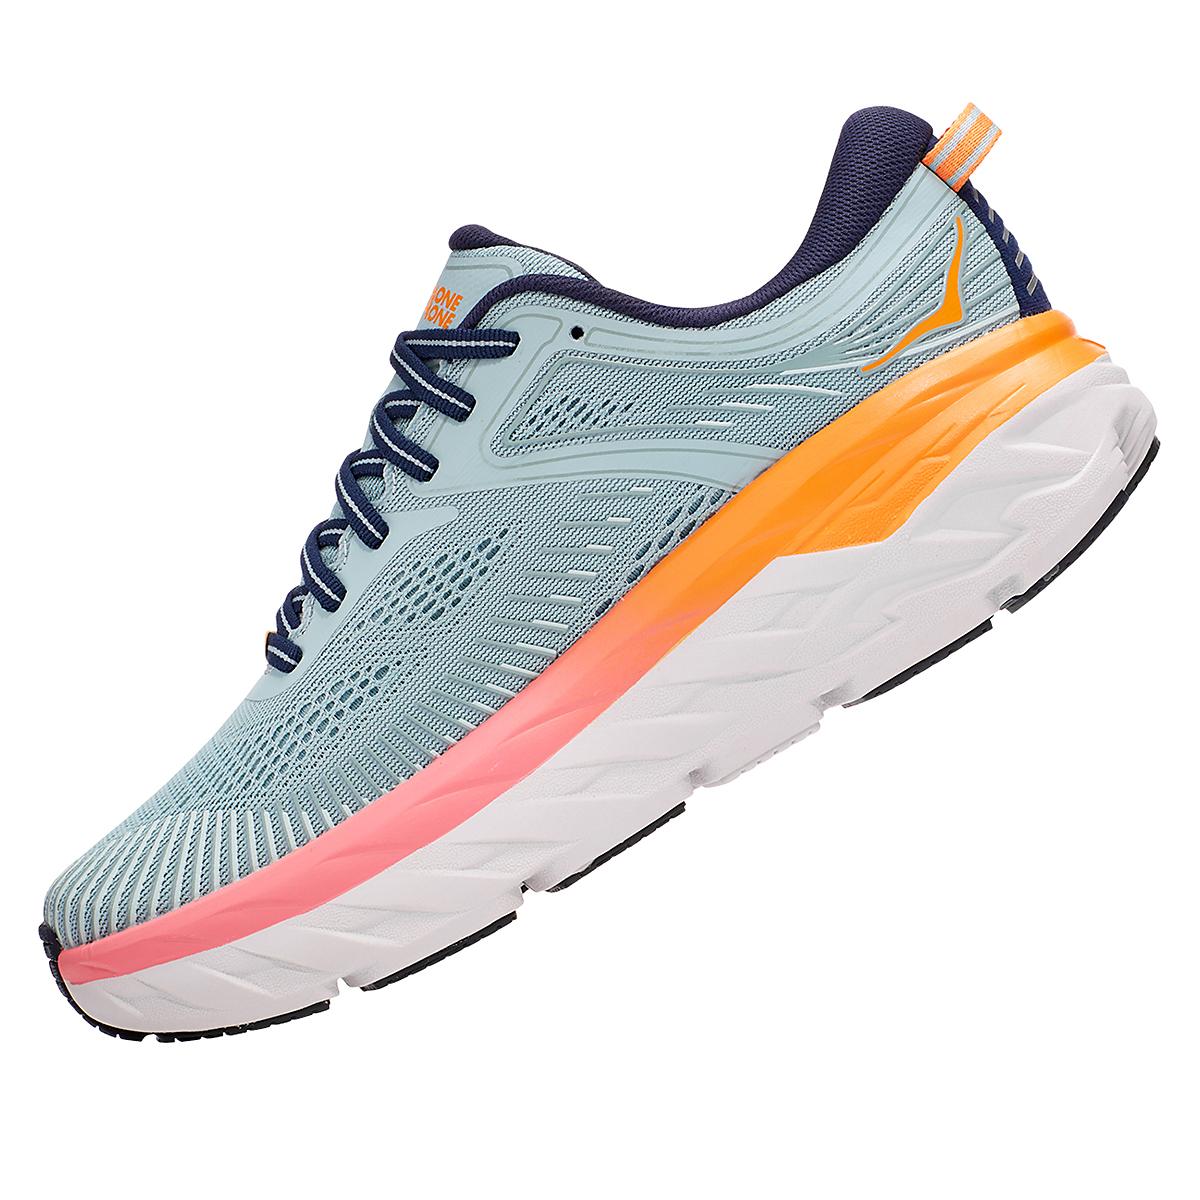 Women's Hoka One One Bondi 7 Running Shoe, , large, image 6